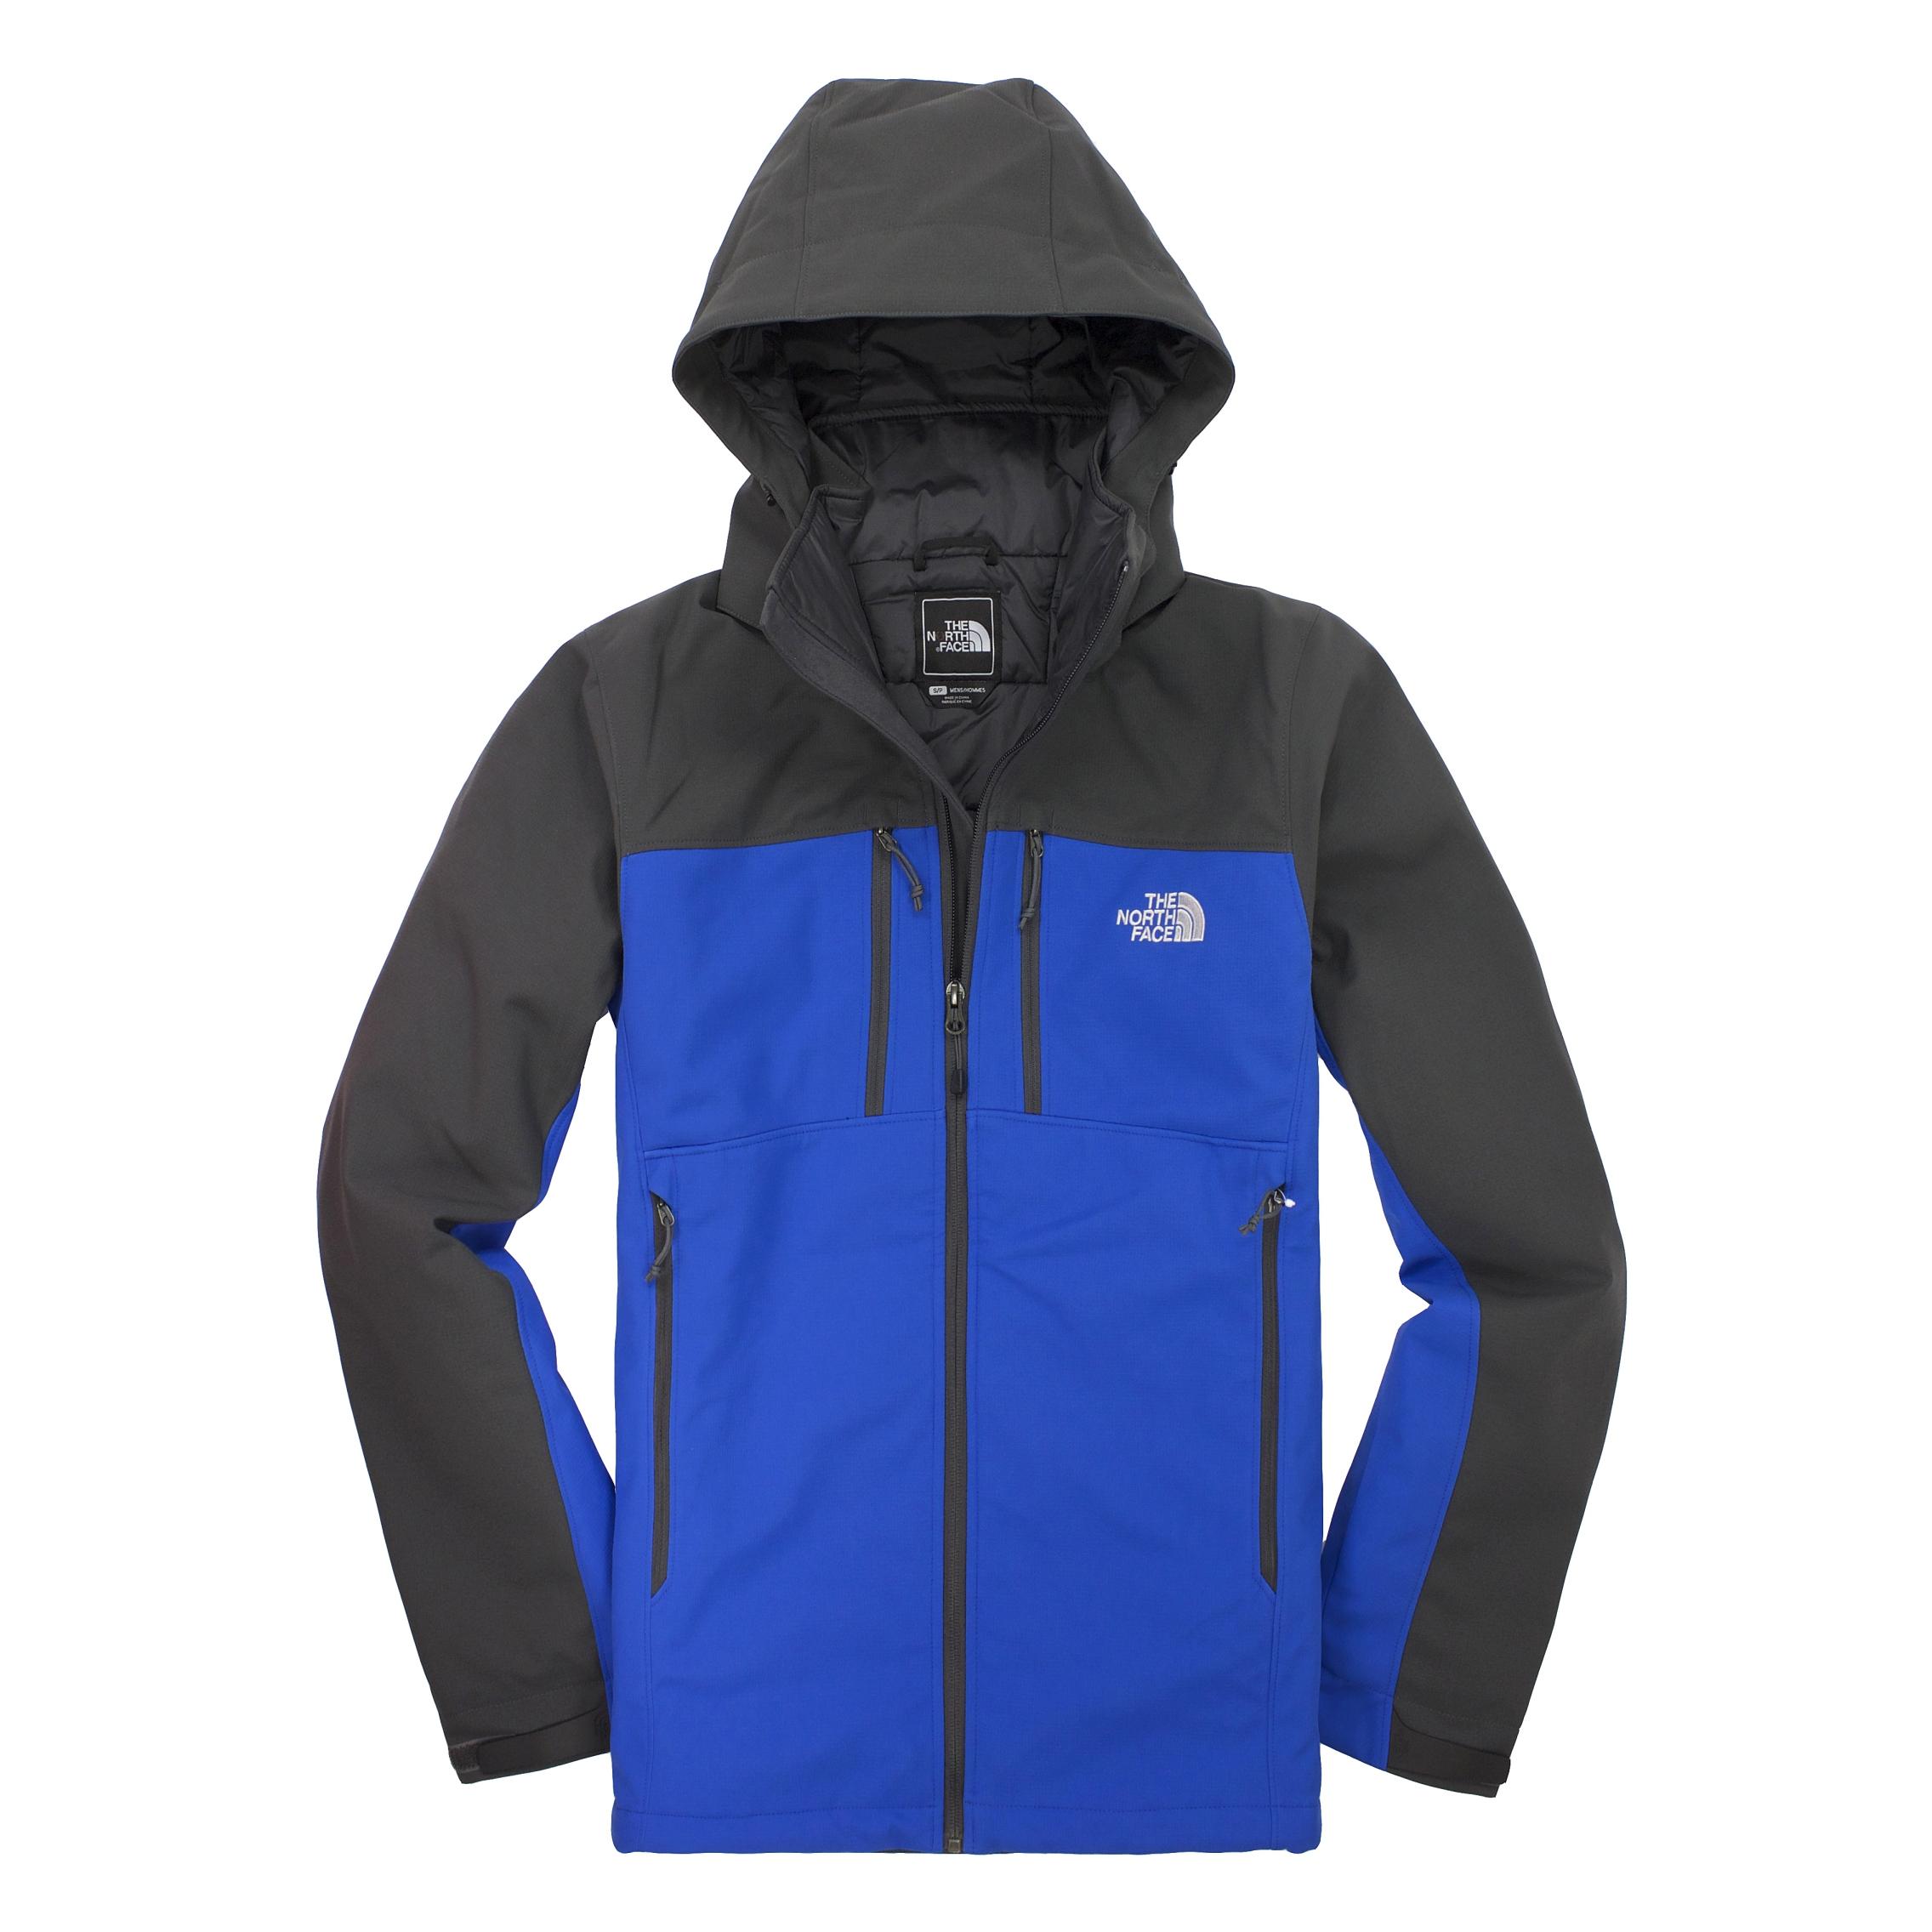 美國百分百【全新真品】The North Face 外套 TNF 夾克 軟殼 北臉 寶藍灰 防風 primaloft 男 S號 A825